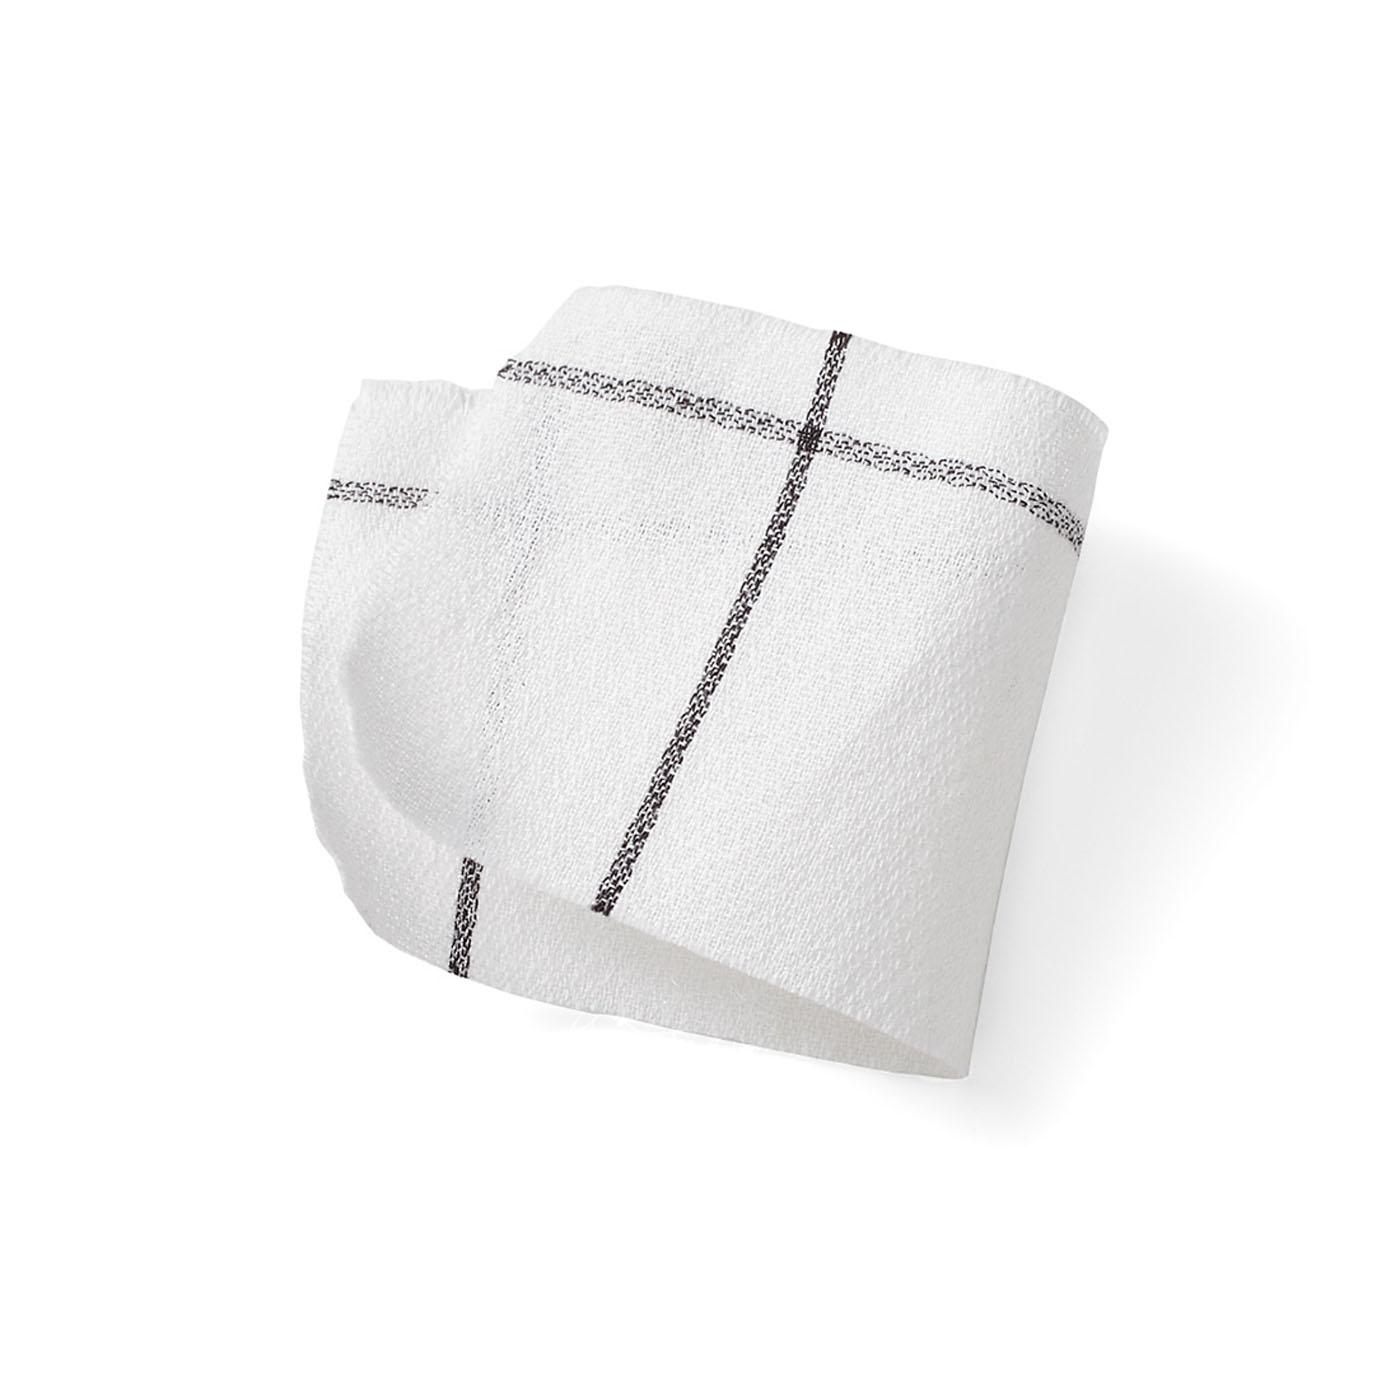 80番手の細い糸を使ったアムンゼン(梨地織り)は、表面の凹凸感がシャリッと気持ちよく、ほのかな透け感も涼やかです。